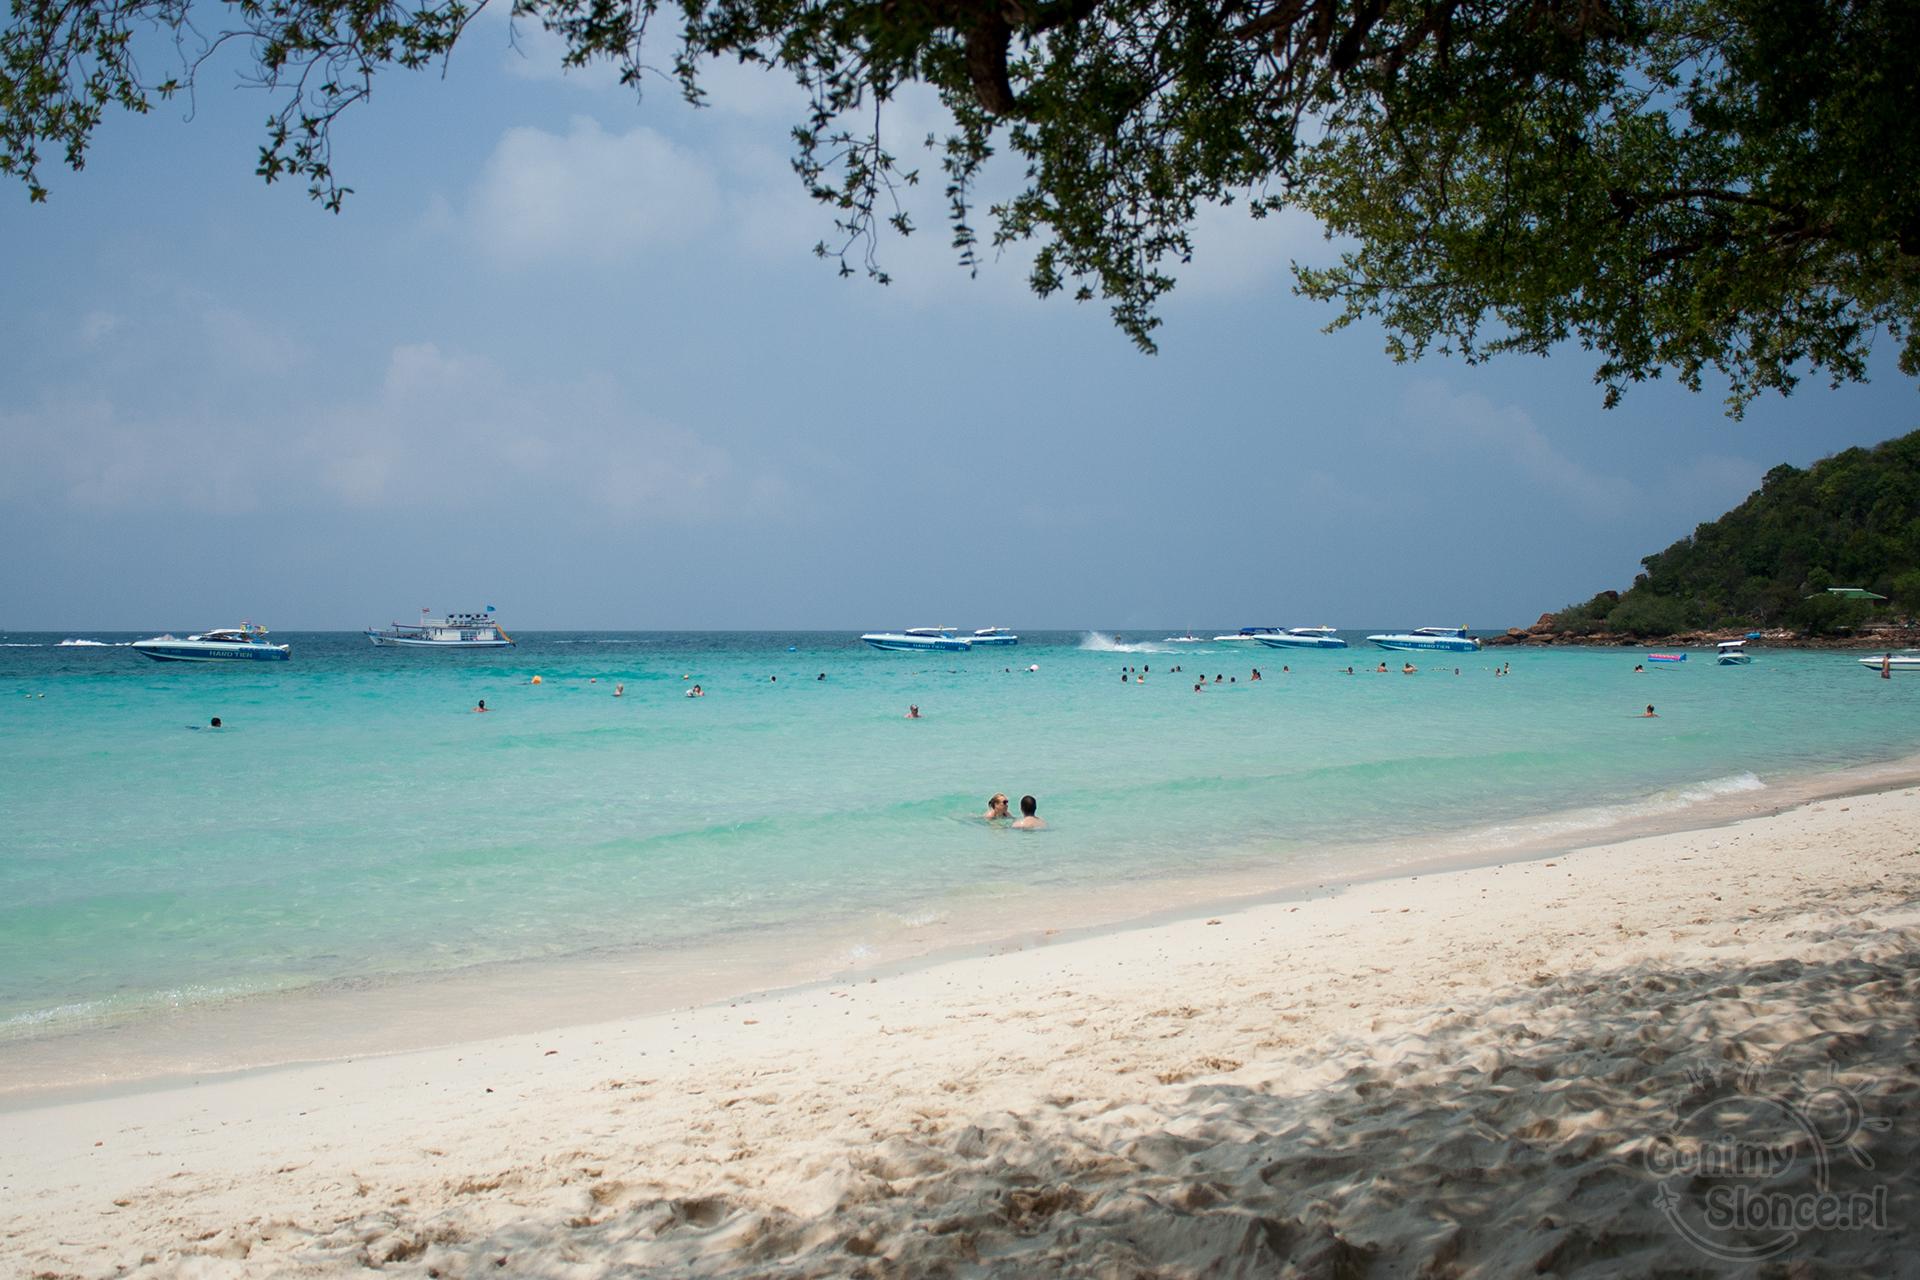 Rajska plaża na wyspie Koh Larn - Tien Beach - plaże blisko Bangkoku